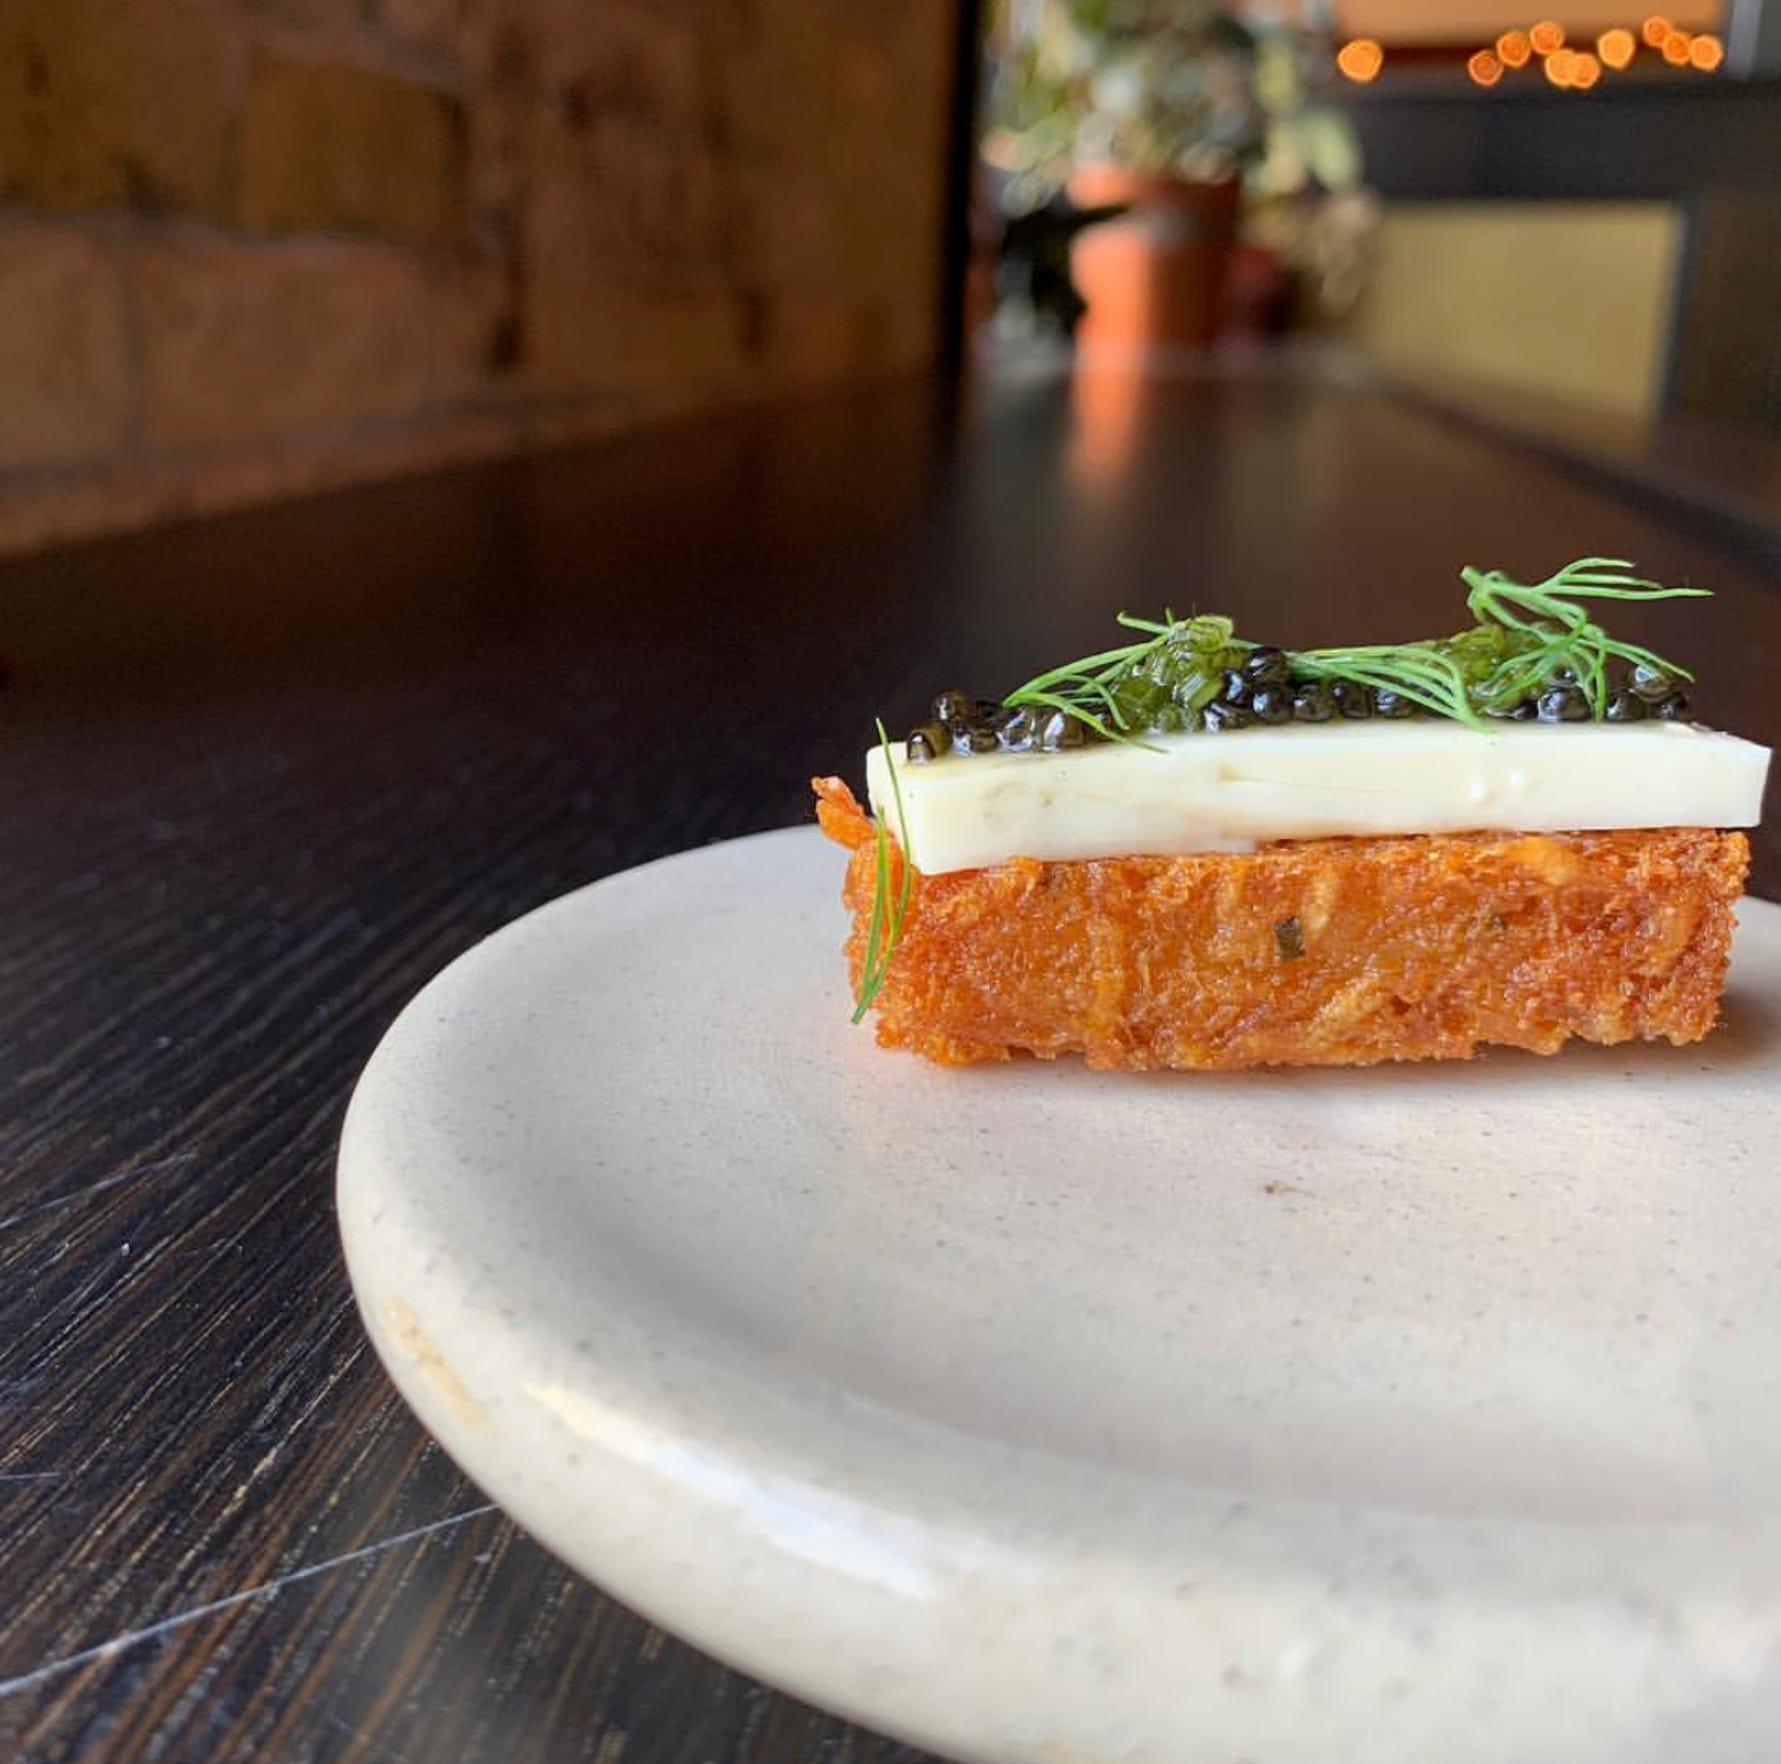 Fine Best Restaurants In Milwaukee 2018 Critic Carol Deptollas Interior Design Ideas Gentotryabchikinfo